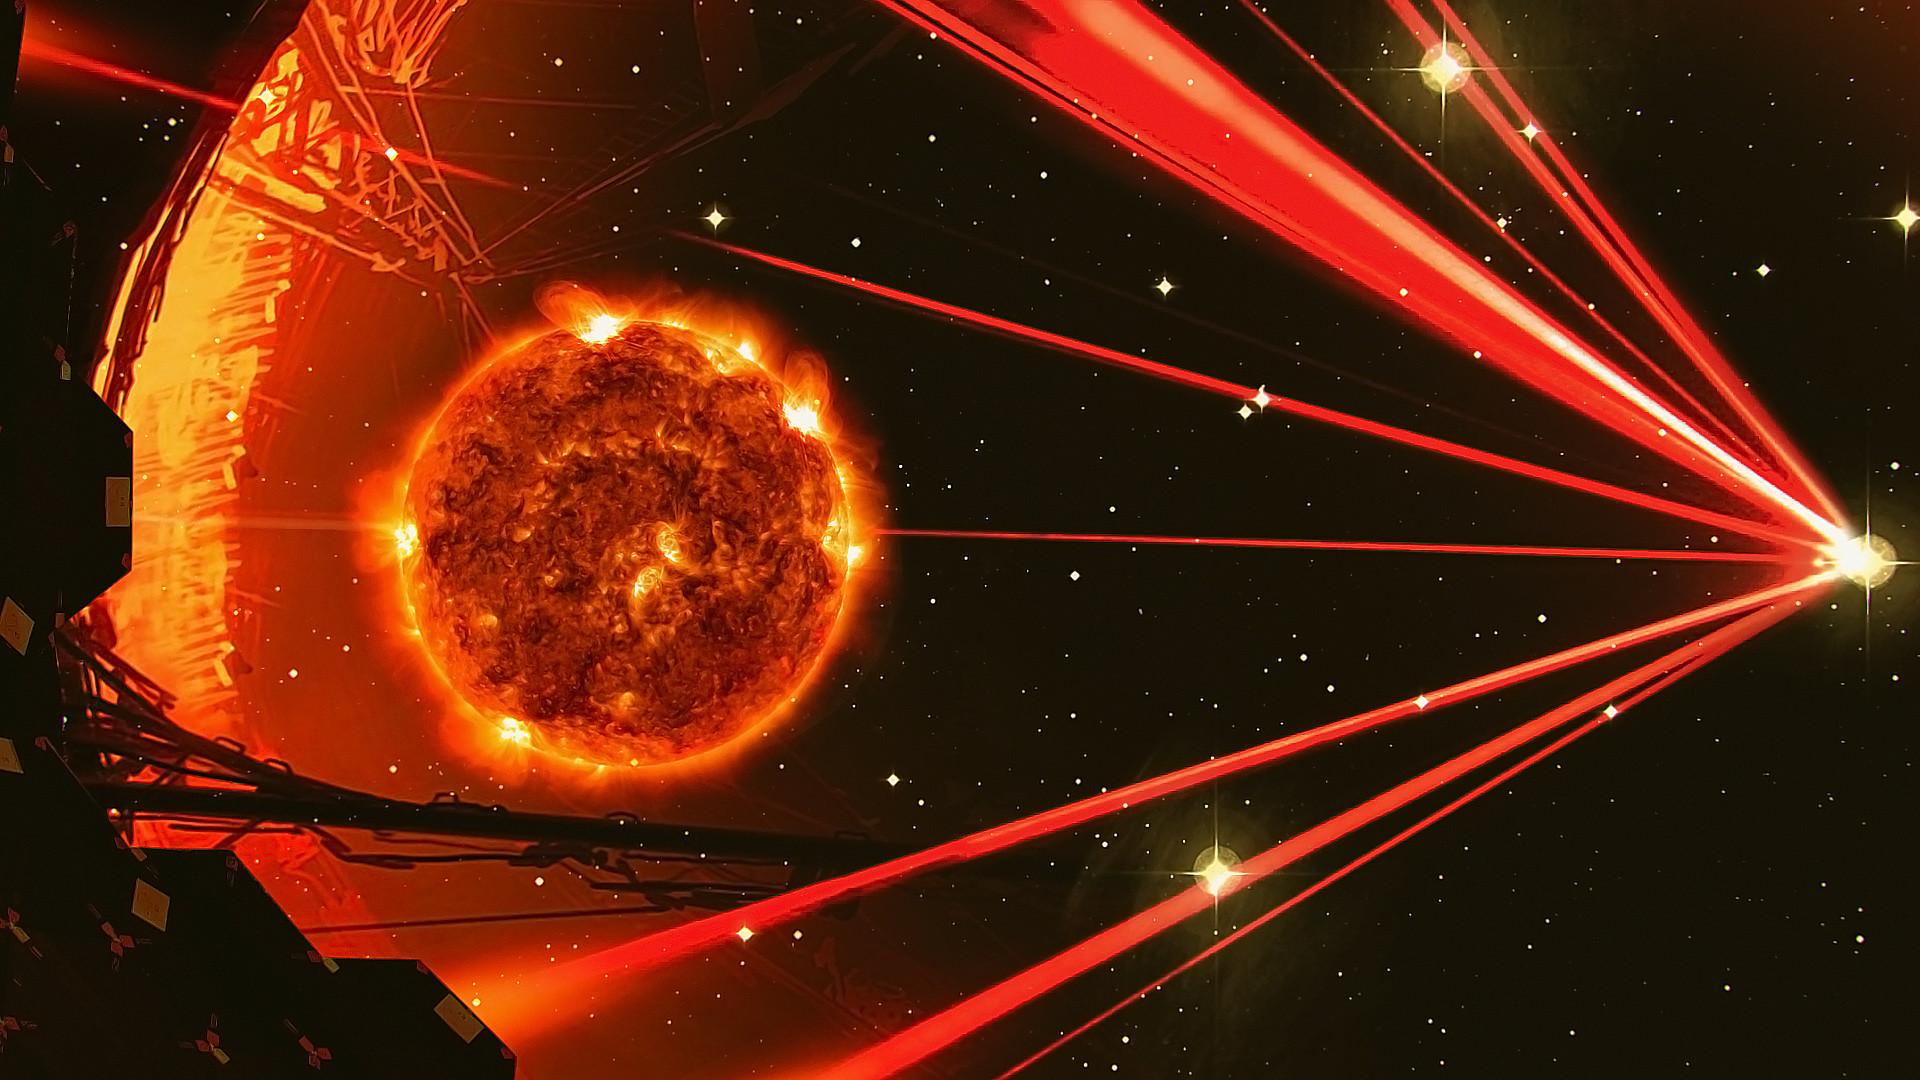 Звёздное небо и космос в картинках - Страница 6 Jakub-grygier-004-nicoll-dyson-beam-ab